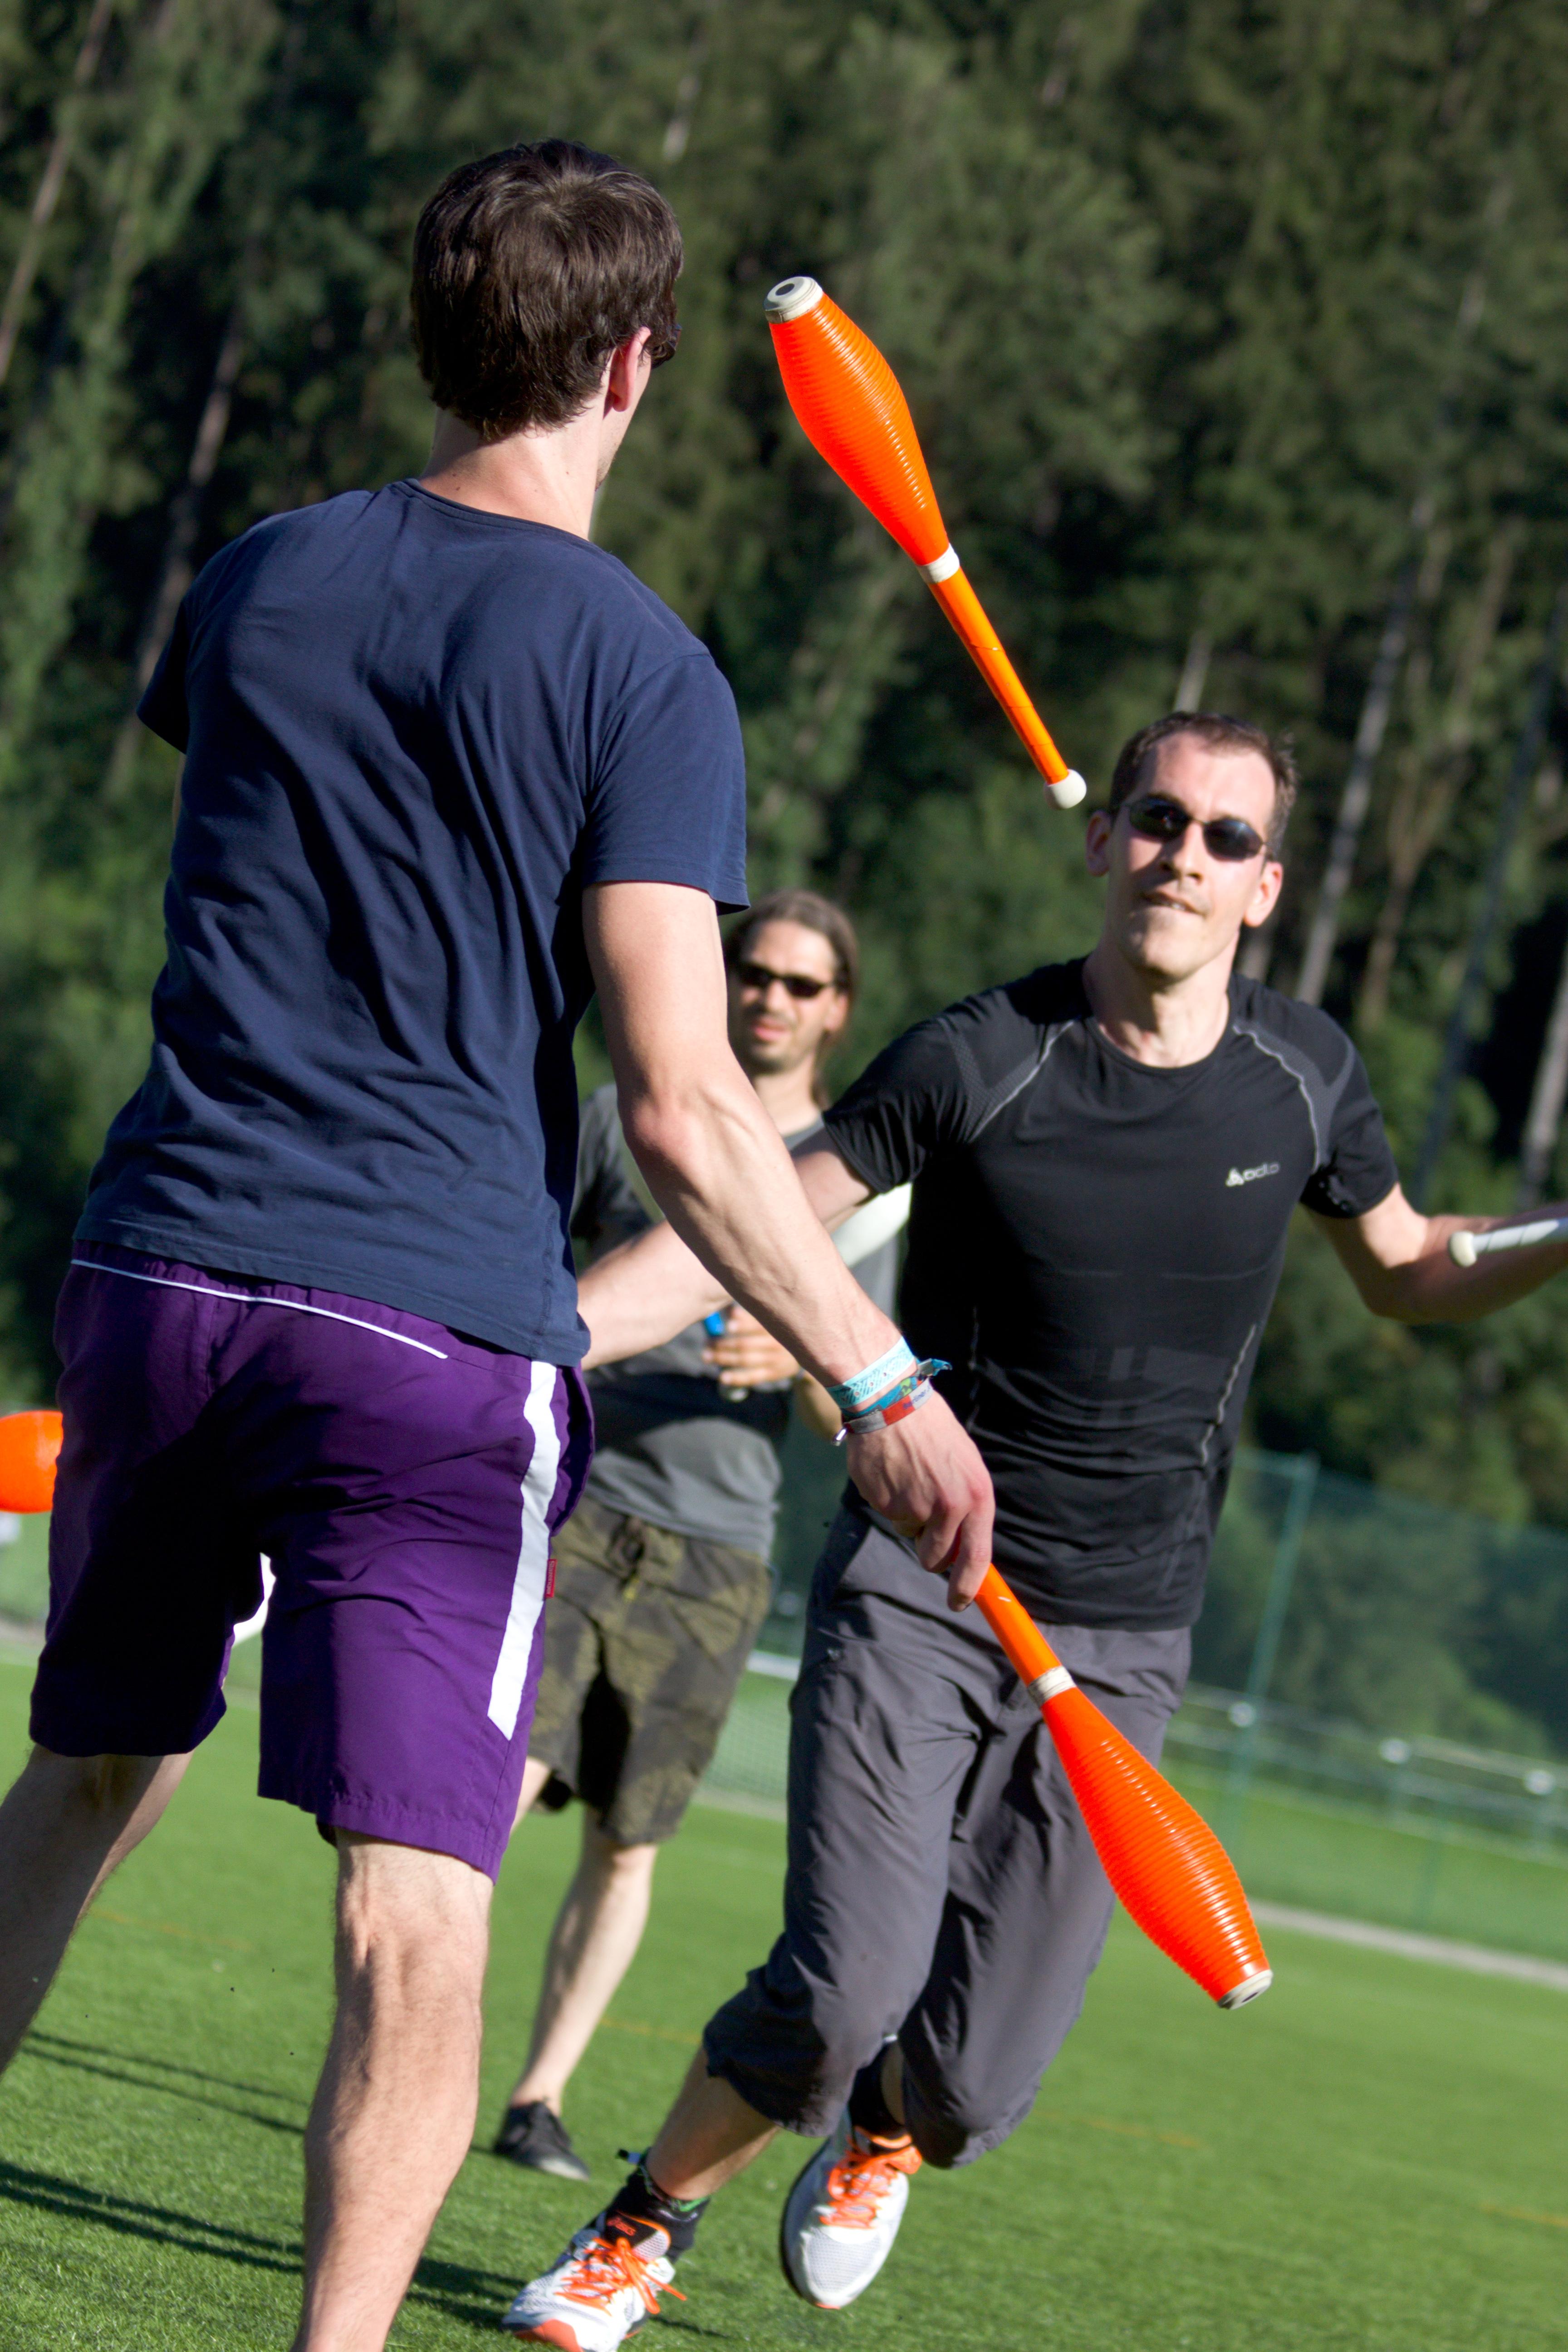 EJC 2015 Bruneck - Monday August 3rd: Team Combat Final.